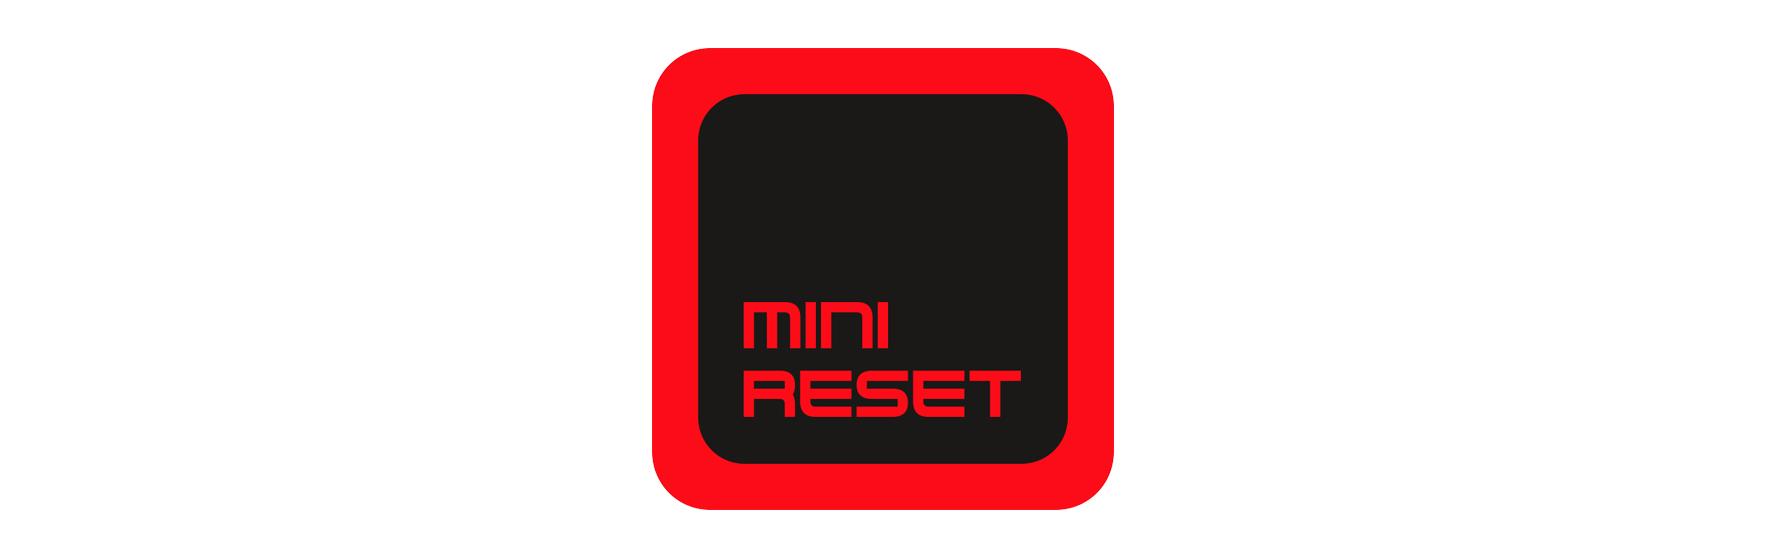 (Logo: jgthms.com)